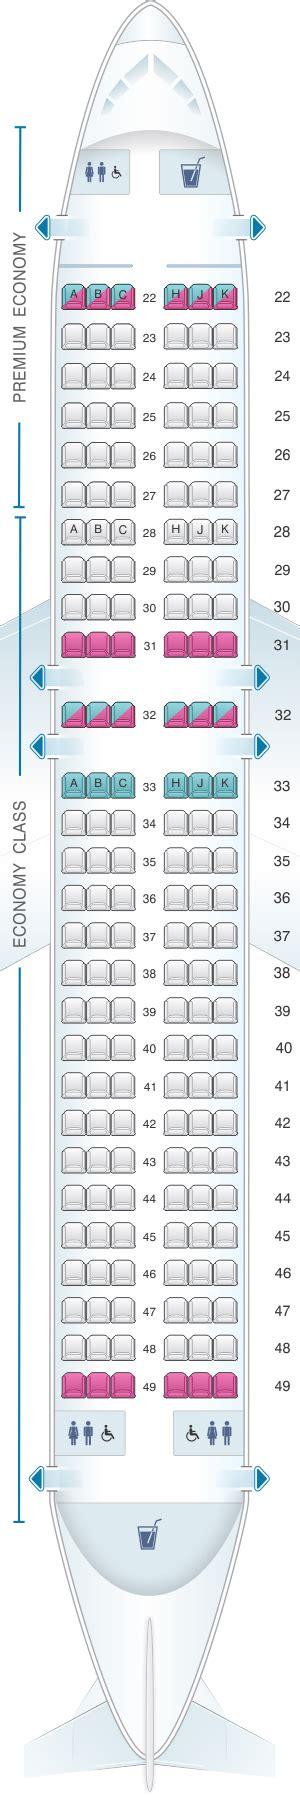 plan des sieges airbus a320 plan de cabine dragonair airbus a320 200 a32m seatmaestro fr